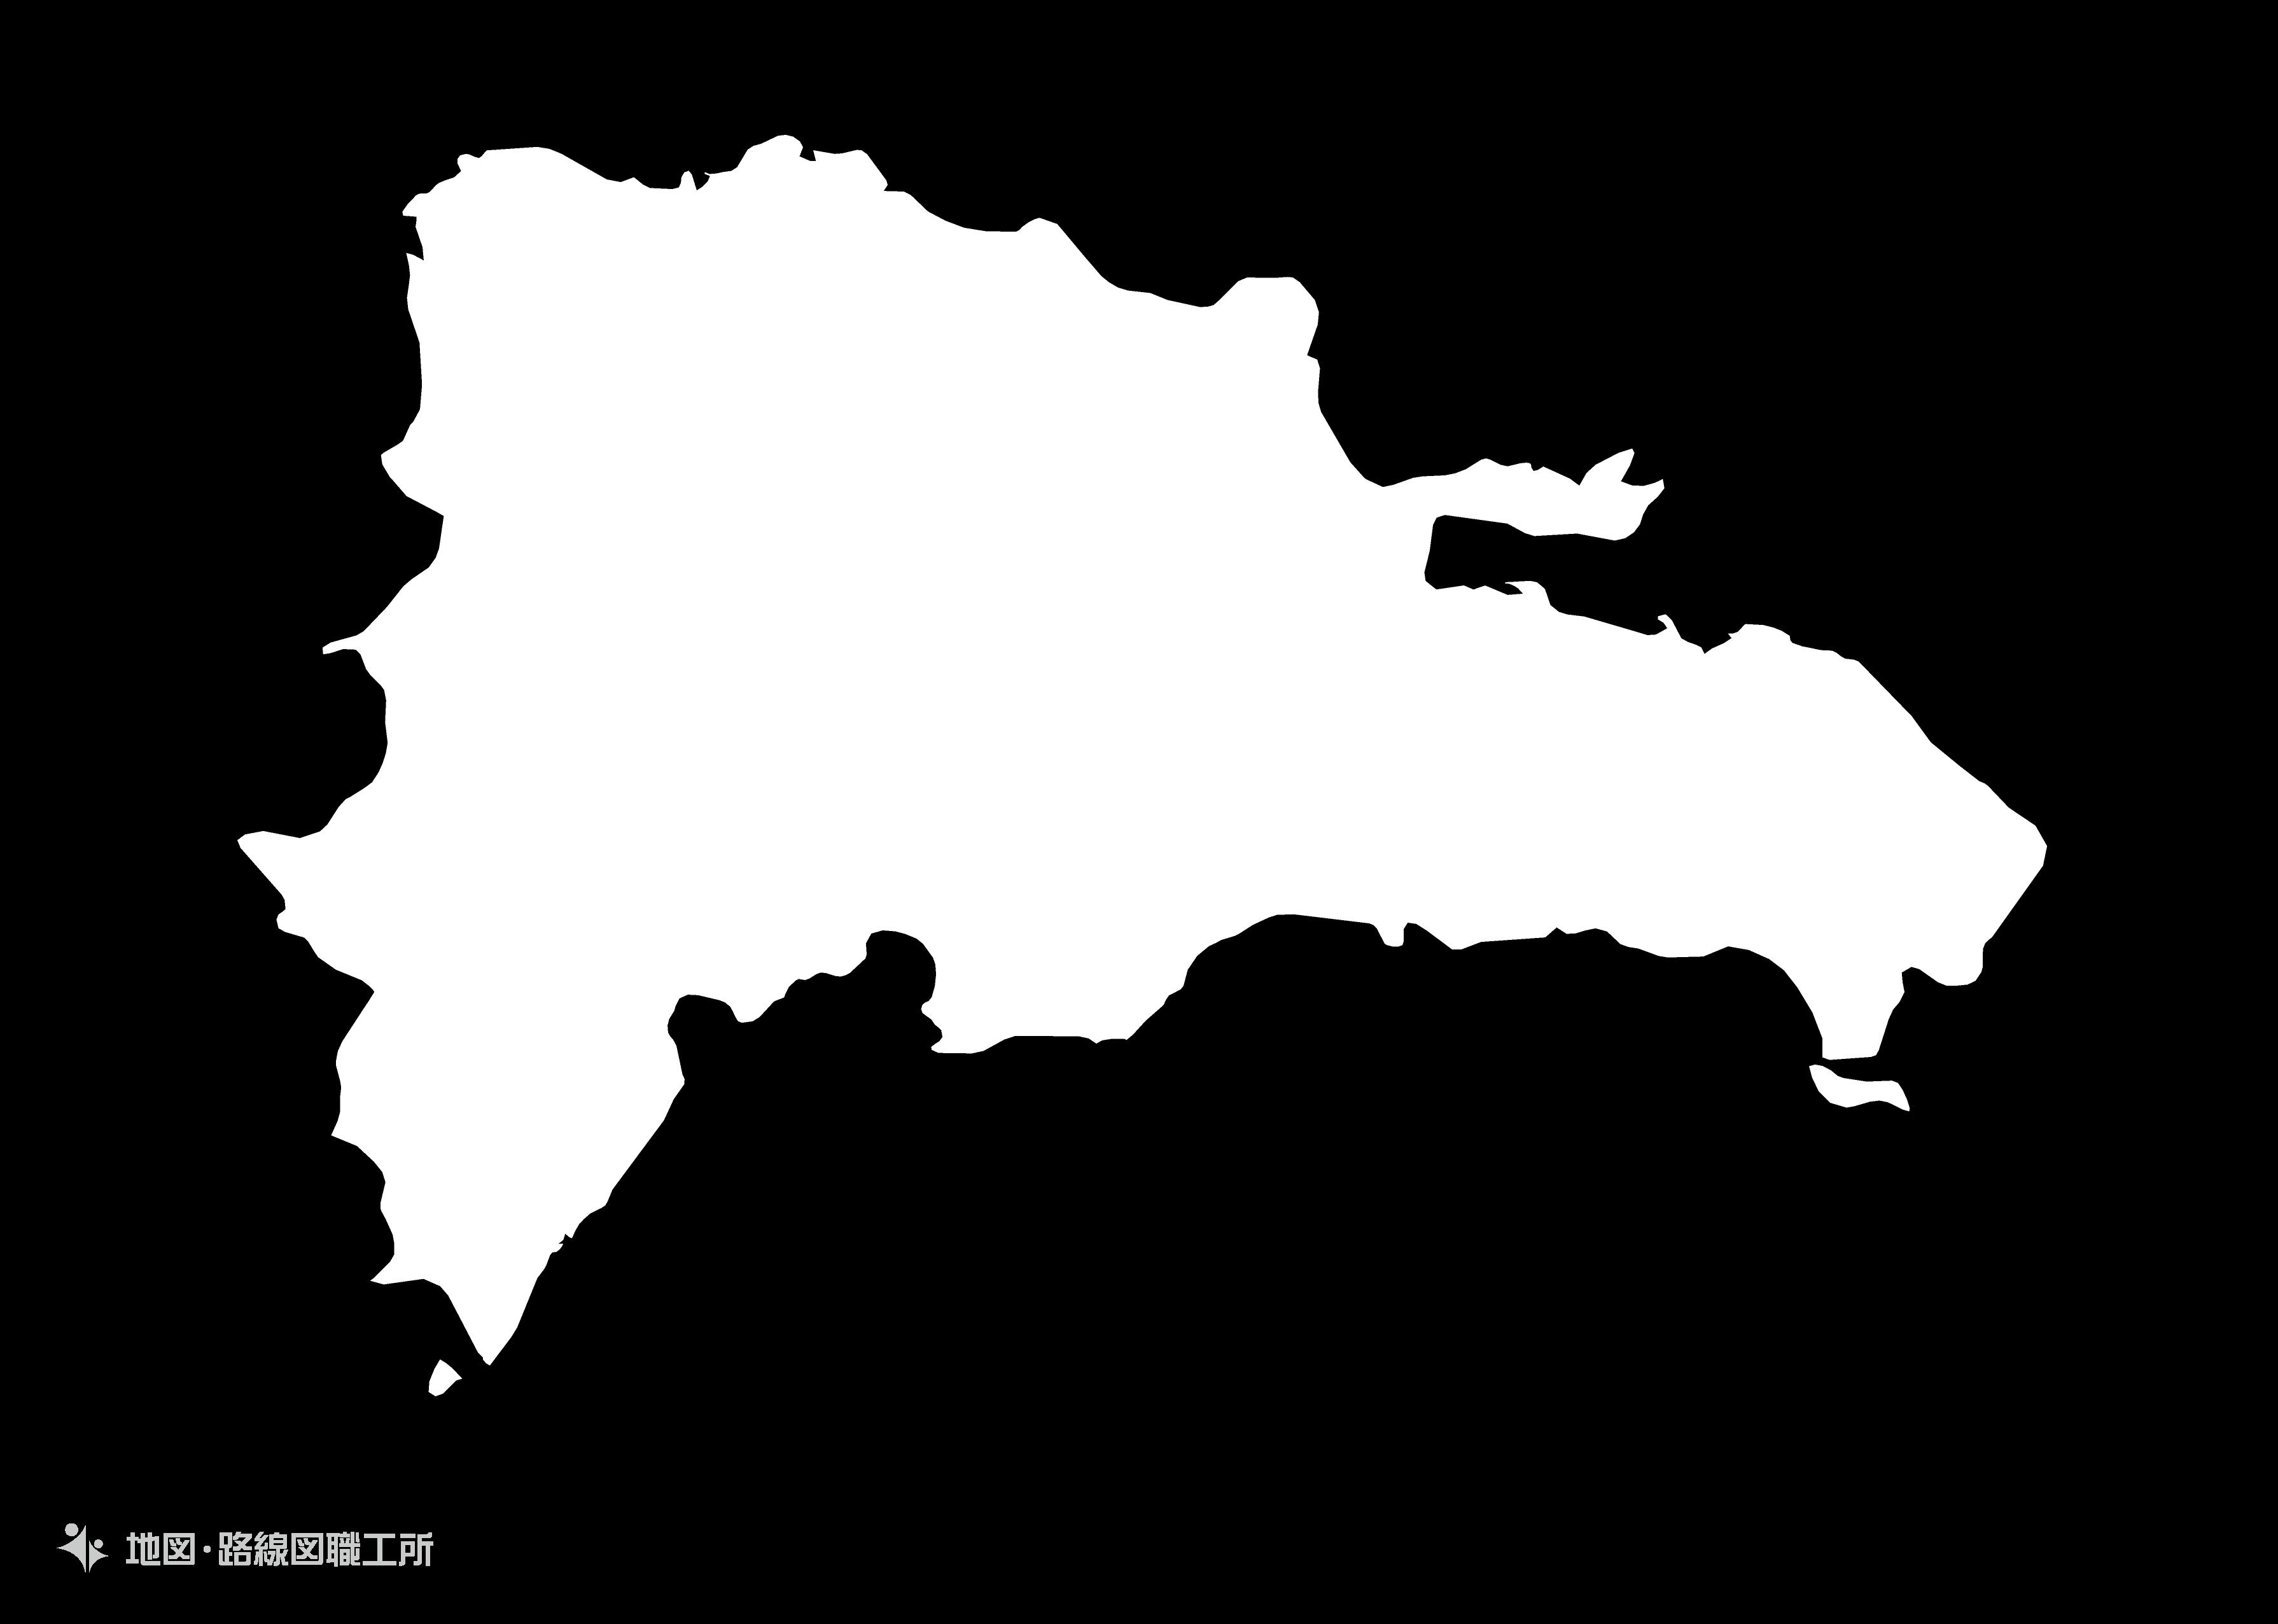 世界の白地図 ドミニカ共和国 dominican-republic map